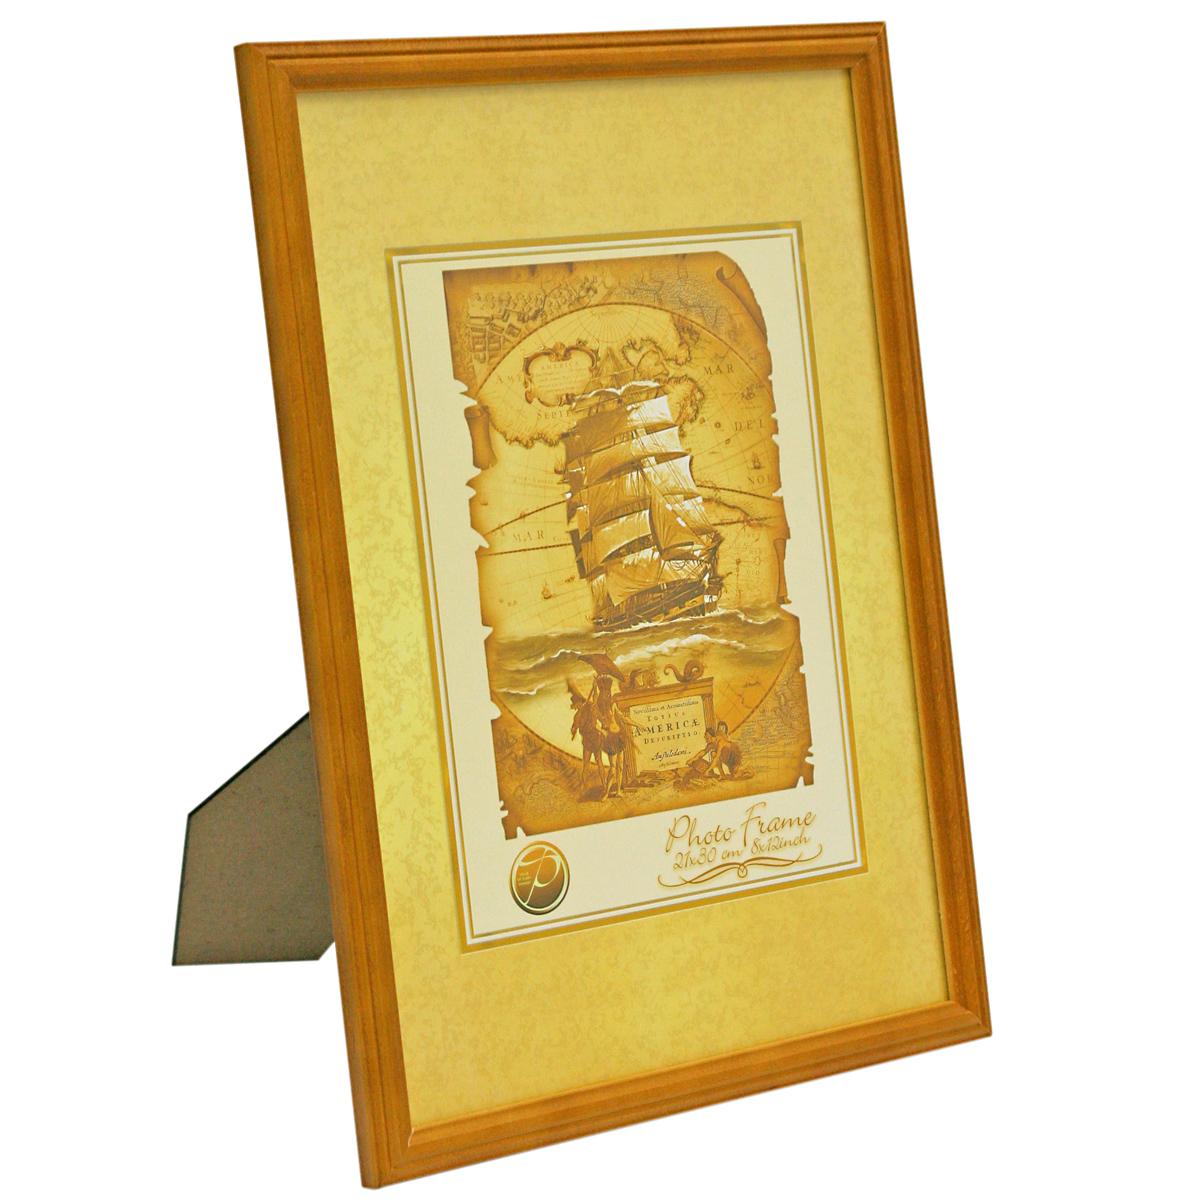 Фоторамка Veld-Co, деревянная, цвет: светло-коричневый, 10 х 15 см6268Фоторамка Veld-Co выполнена из дерева и стекла, которое защищает фотографию. Задняя сторона рамки оснащена специальной ножкой, благодаря которой ее можно поставить на стол или любое другое место в доме или офисе. Рамка оснащена двумя специальными отверстиями для подвешивания на стену. Такая фоторамка поможет вам оригинально и стильно дополнить интерьер помещения, а также позволит сохранить память о дорогих вам людях и интересных событиях вашей жизни.